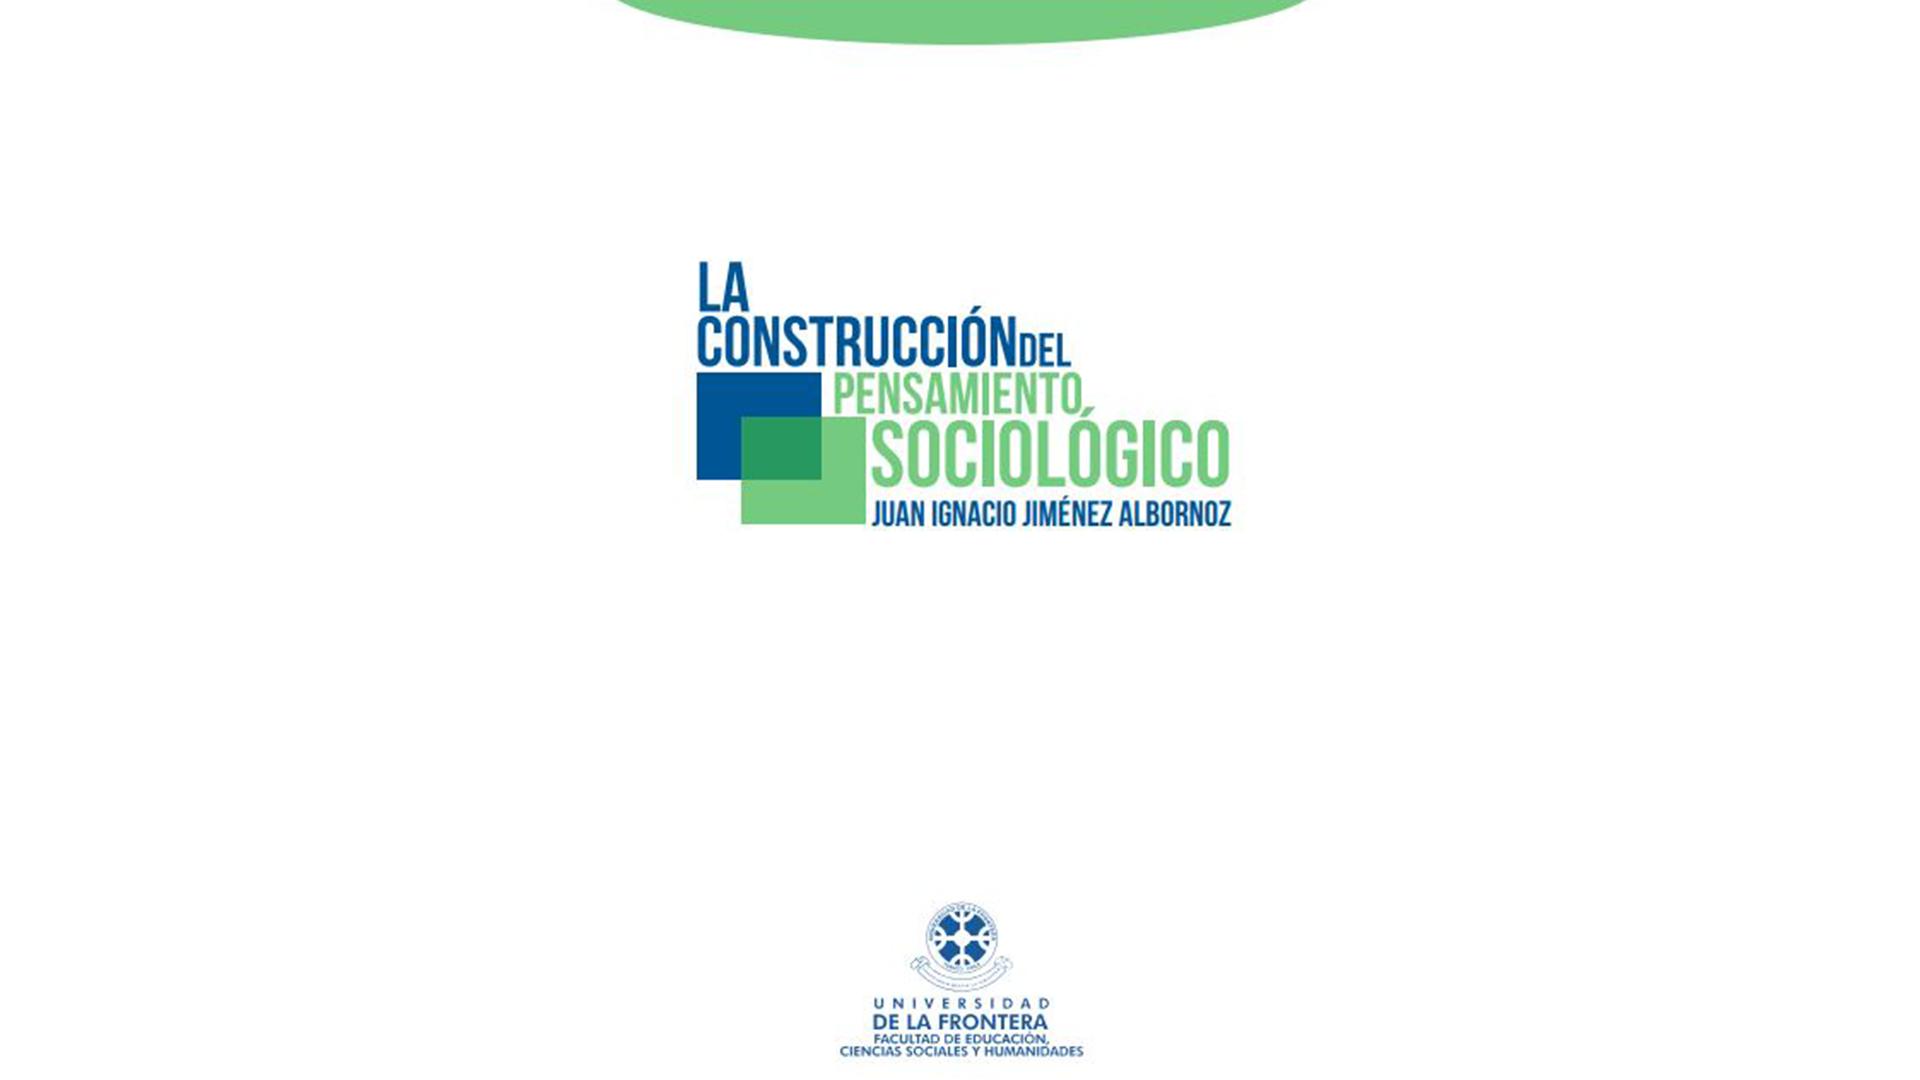 Juan Jiménez lanza libro sobre su tesis de Doctorado en Ciencias Sociales